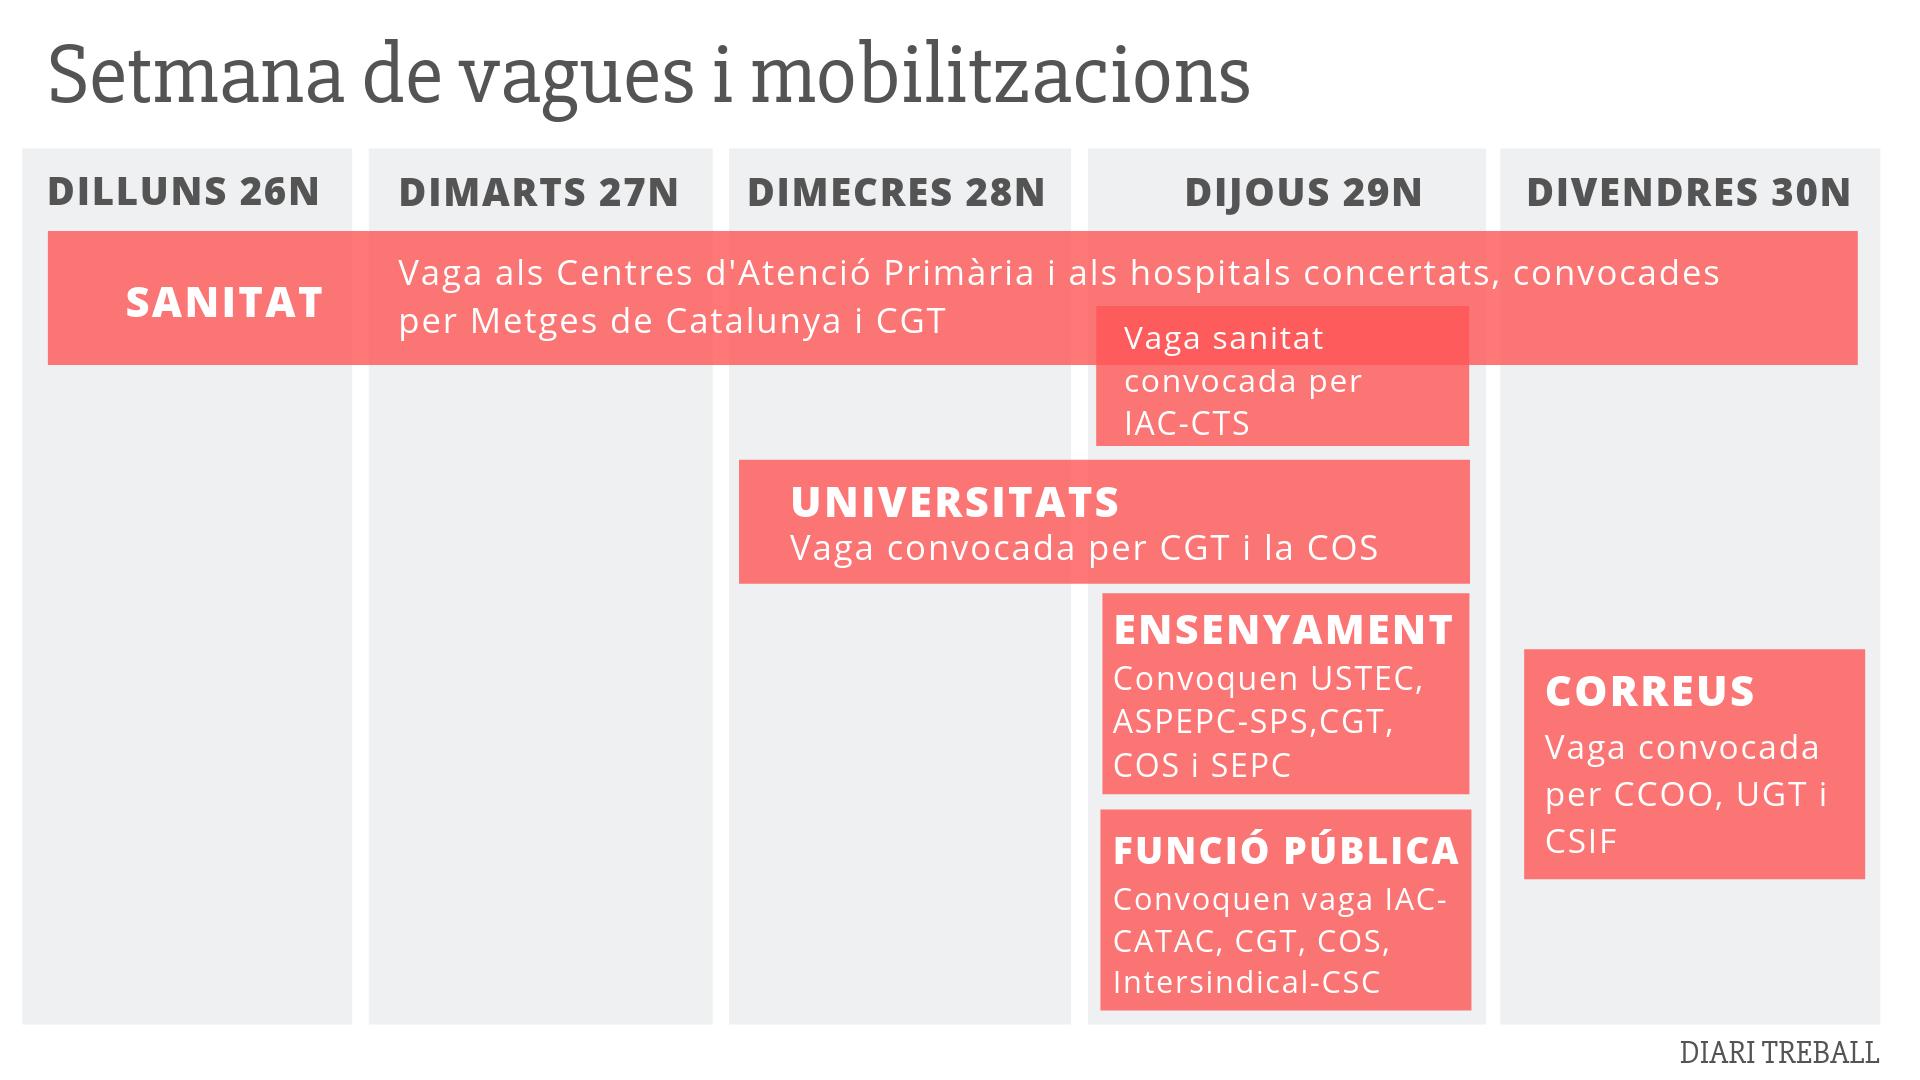 Guia de les vagues de la setmana vinent als serveis públics catalans, perquè i quan es faran?